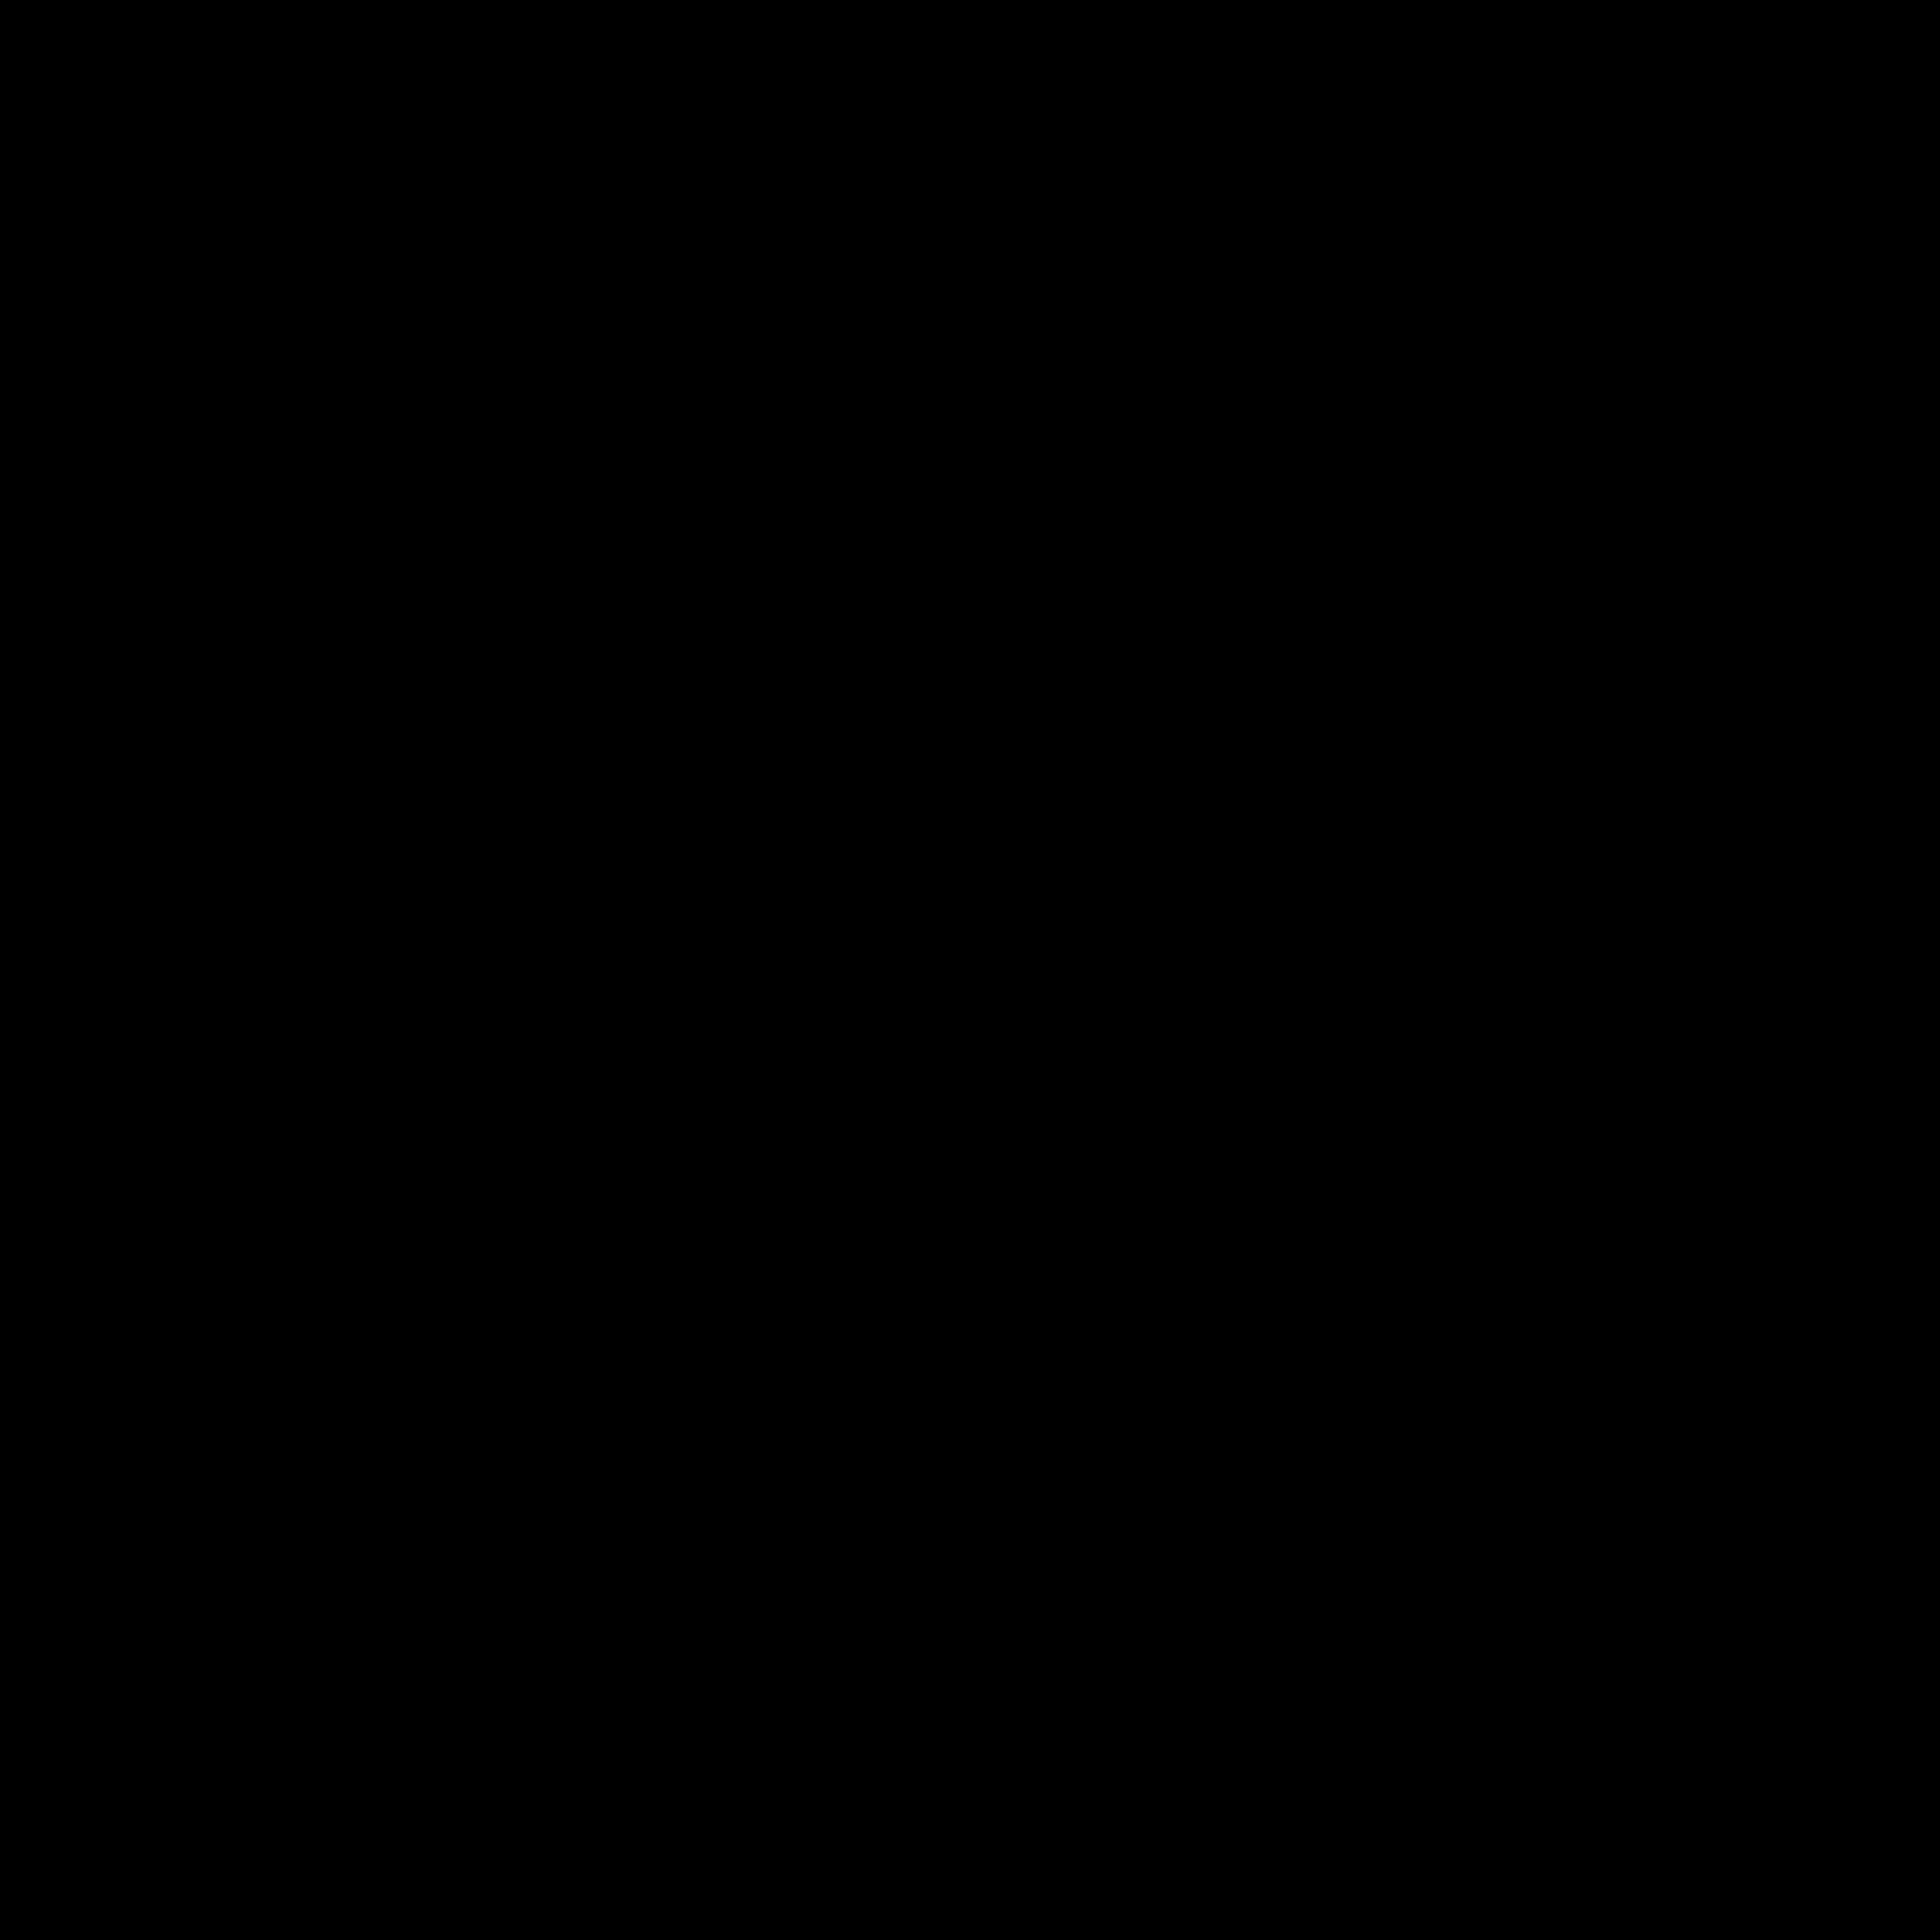 Oster Logo PNG Transparent & SVG Vector.